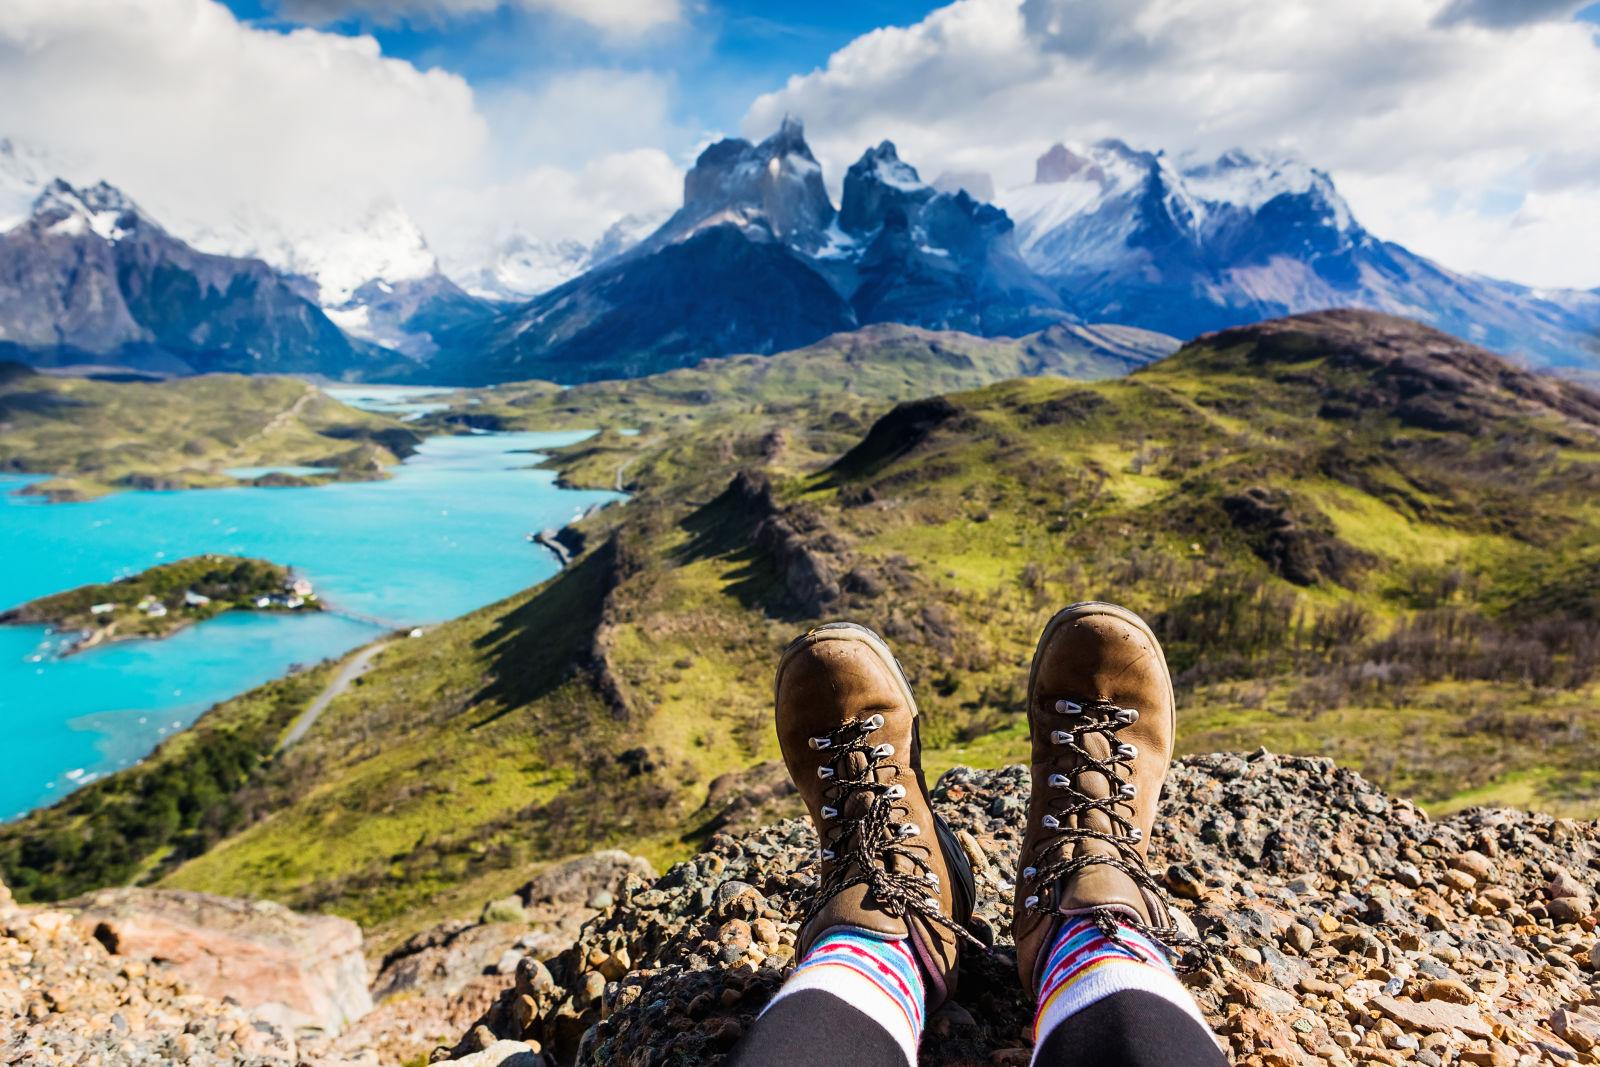 Wanderschuhe in den Bergen mit See